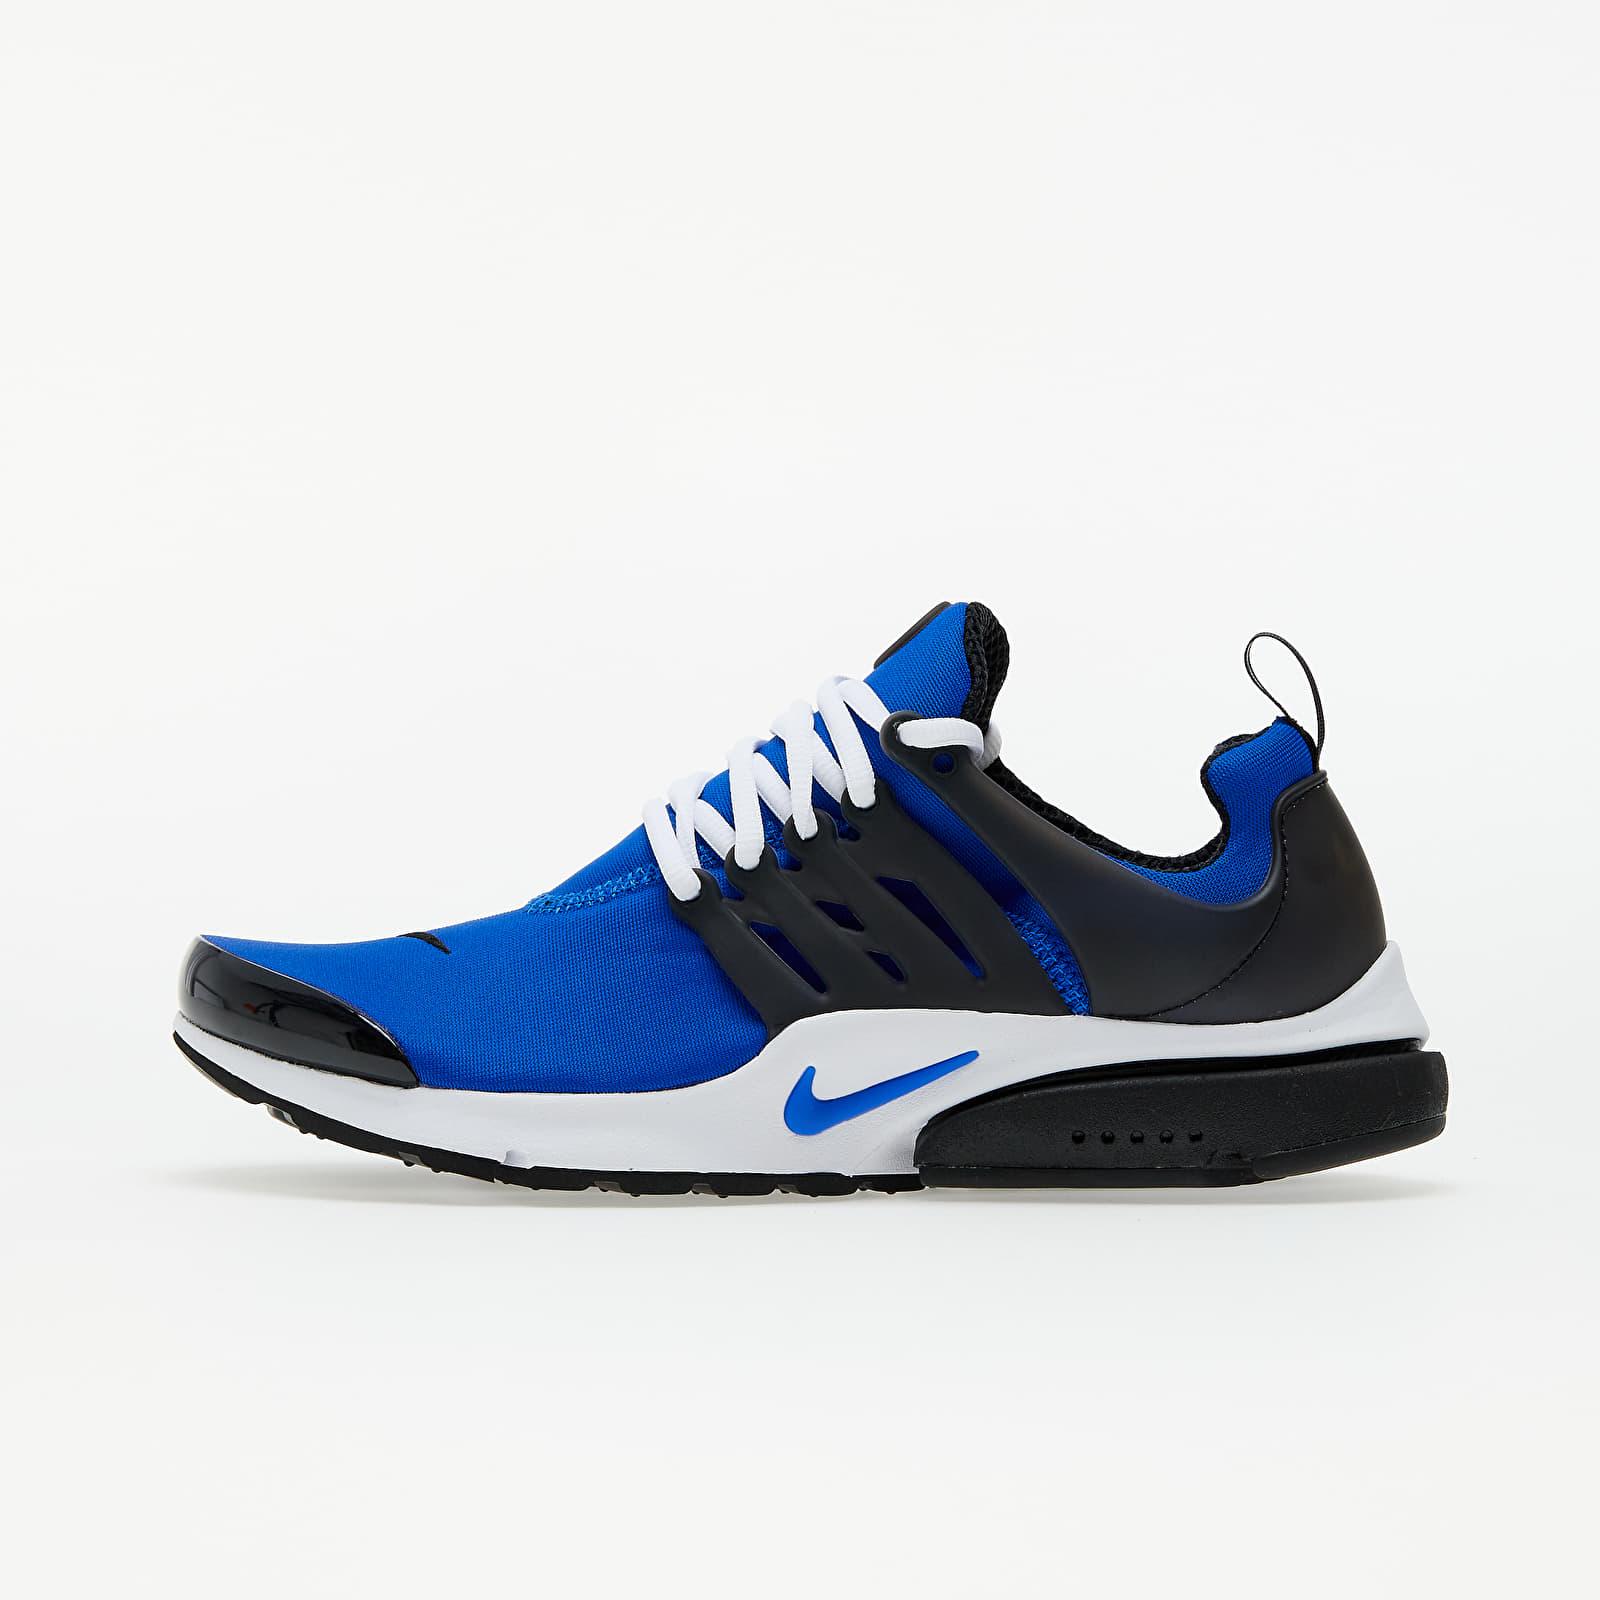 Nike Air Presto Racer Blue/ Racer Blue-Black-White CT3550-400